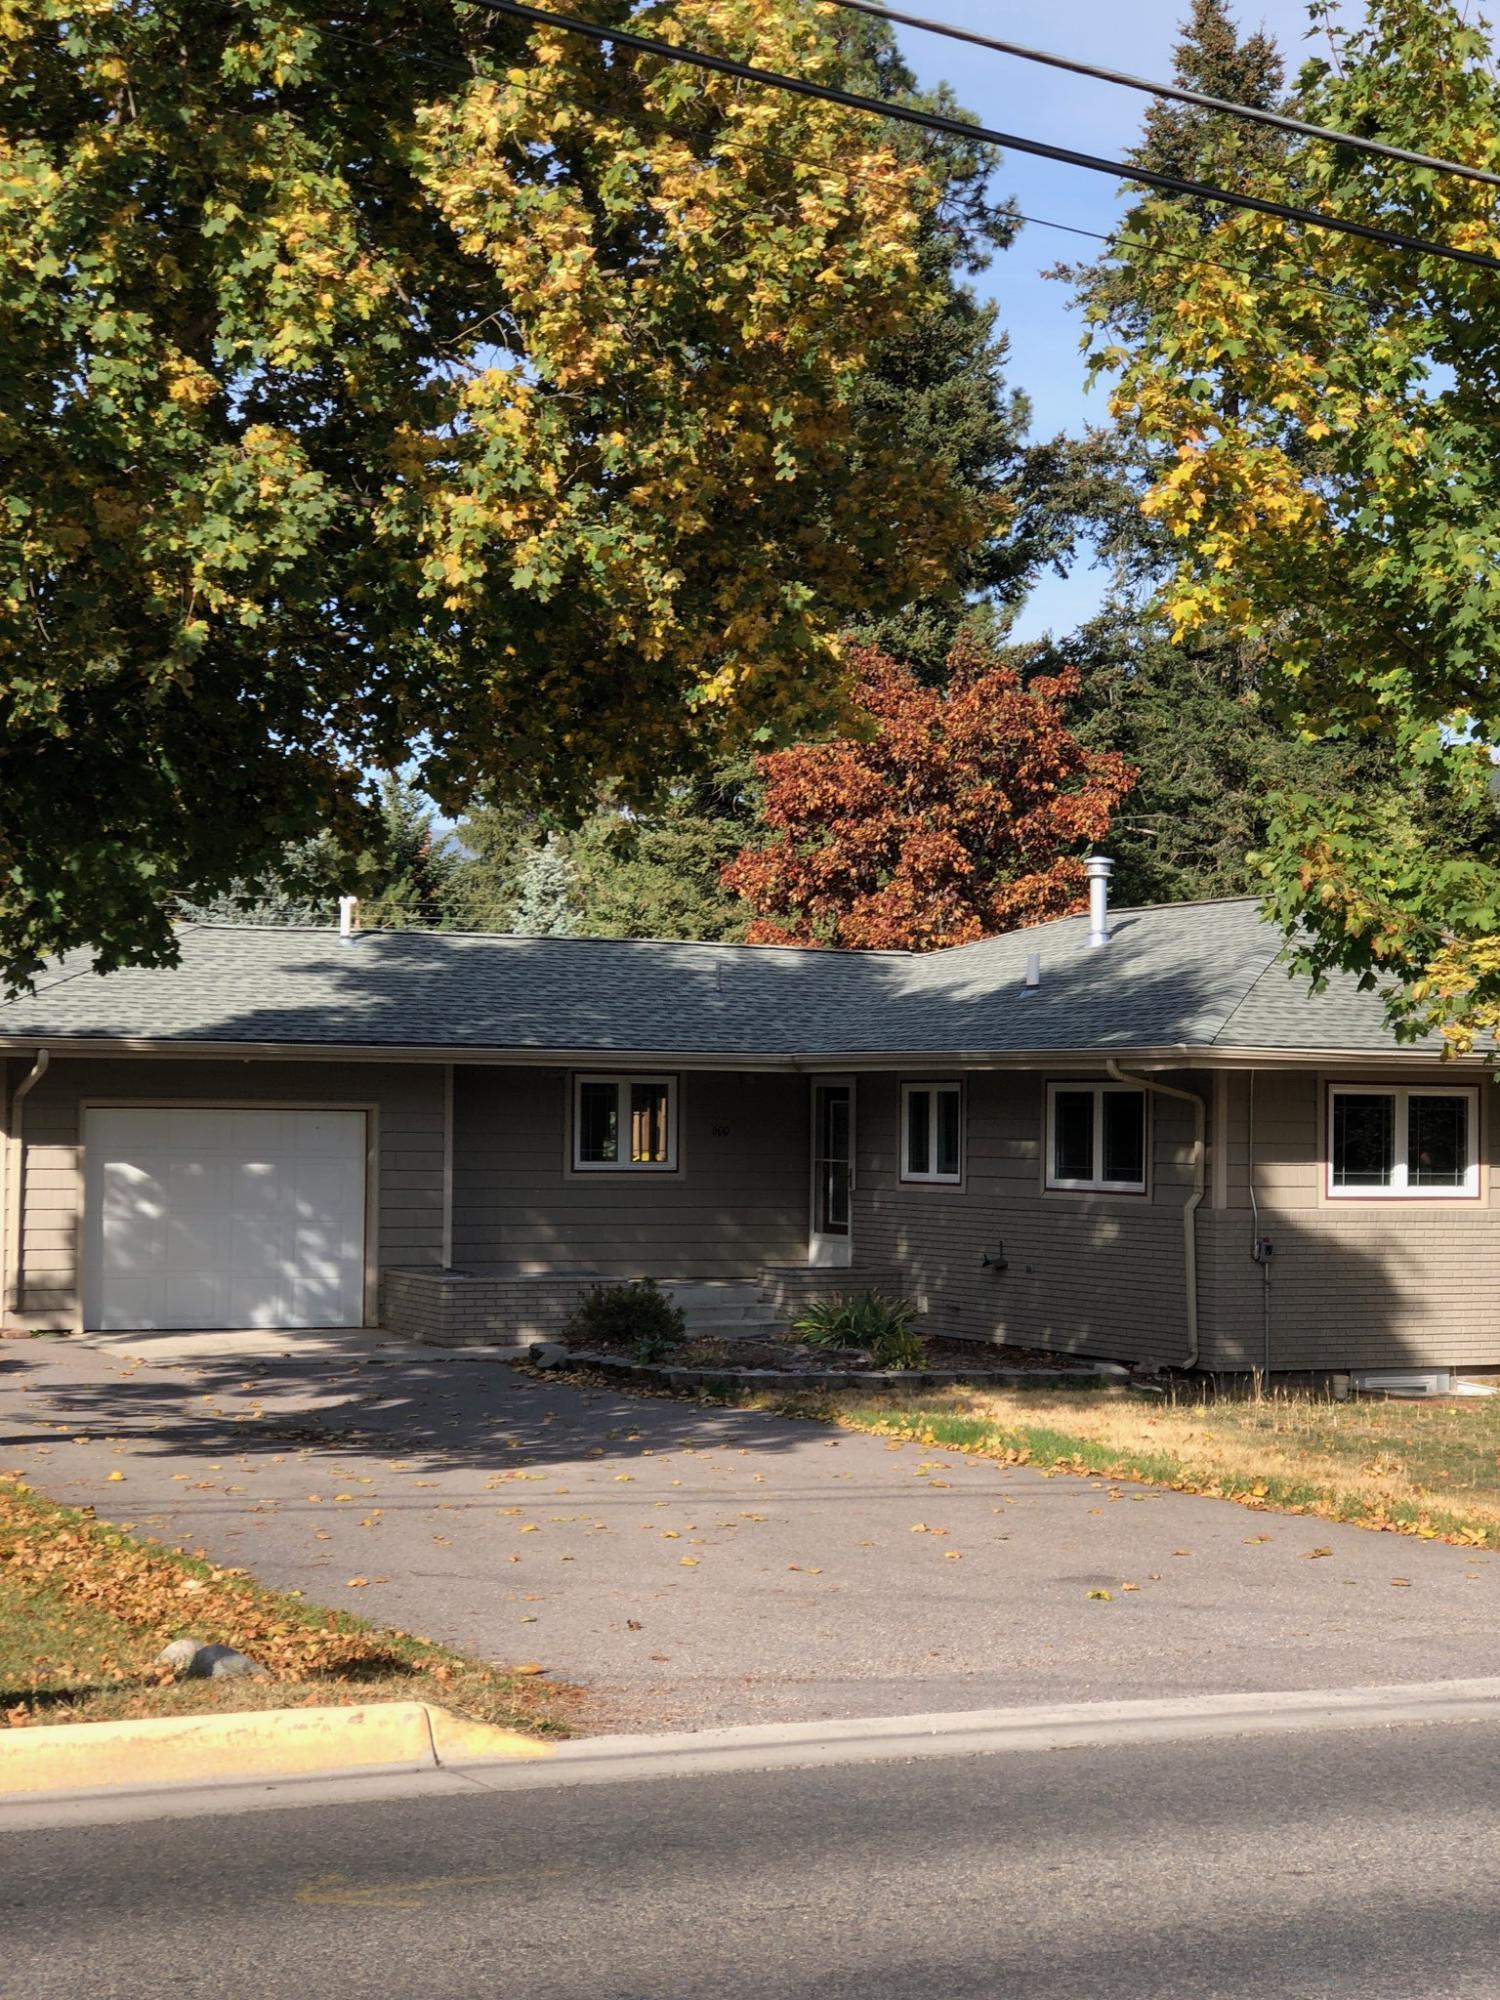 600 Lolo Street, Missoula, MT 59802